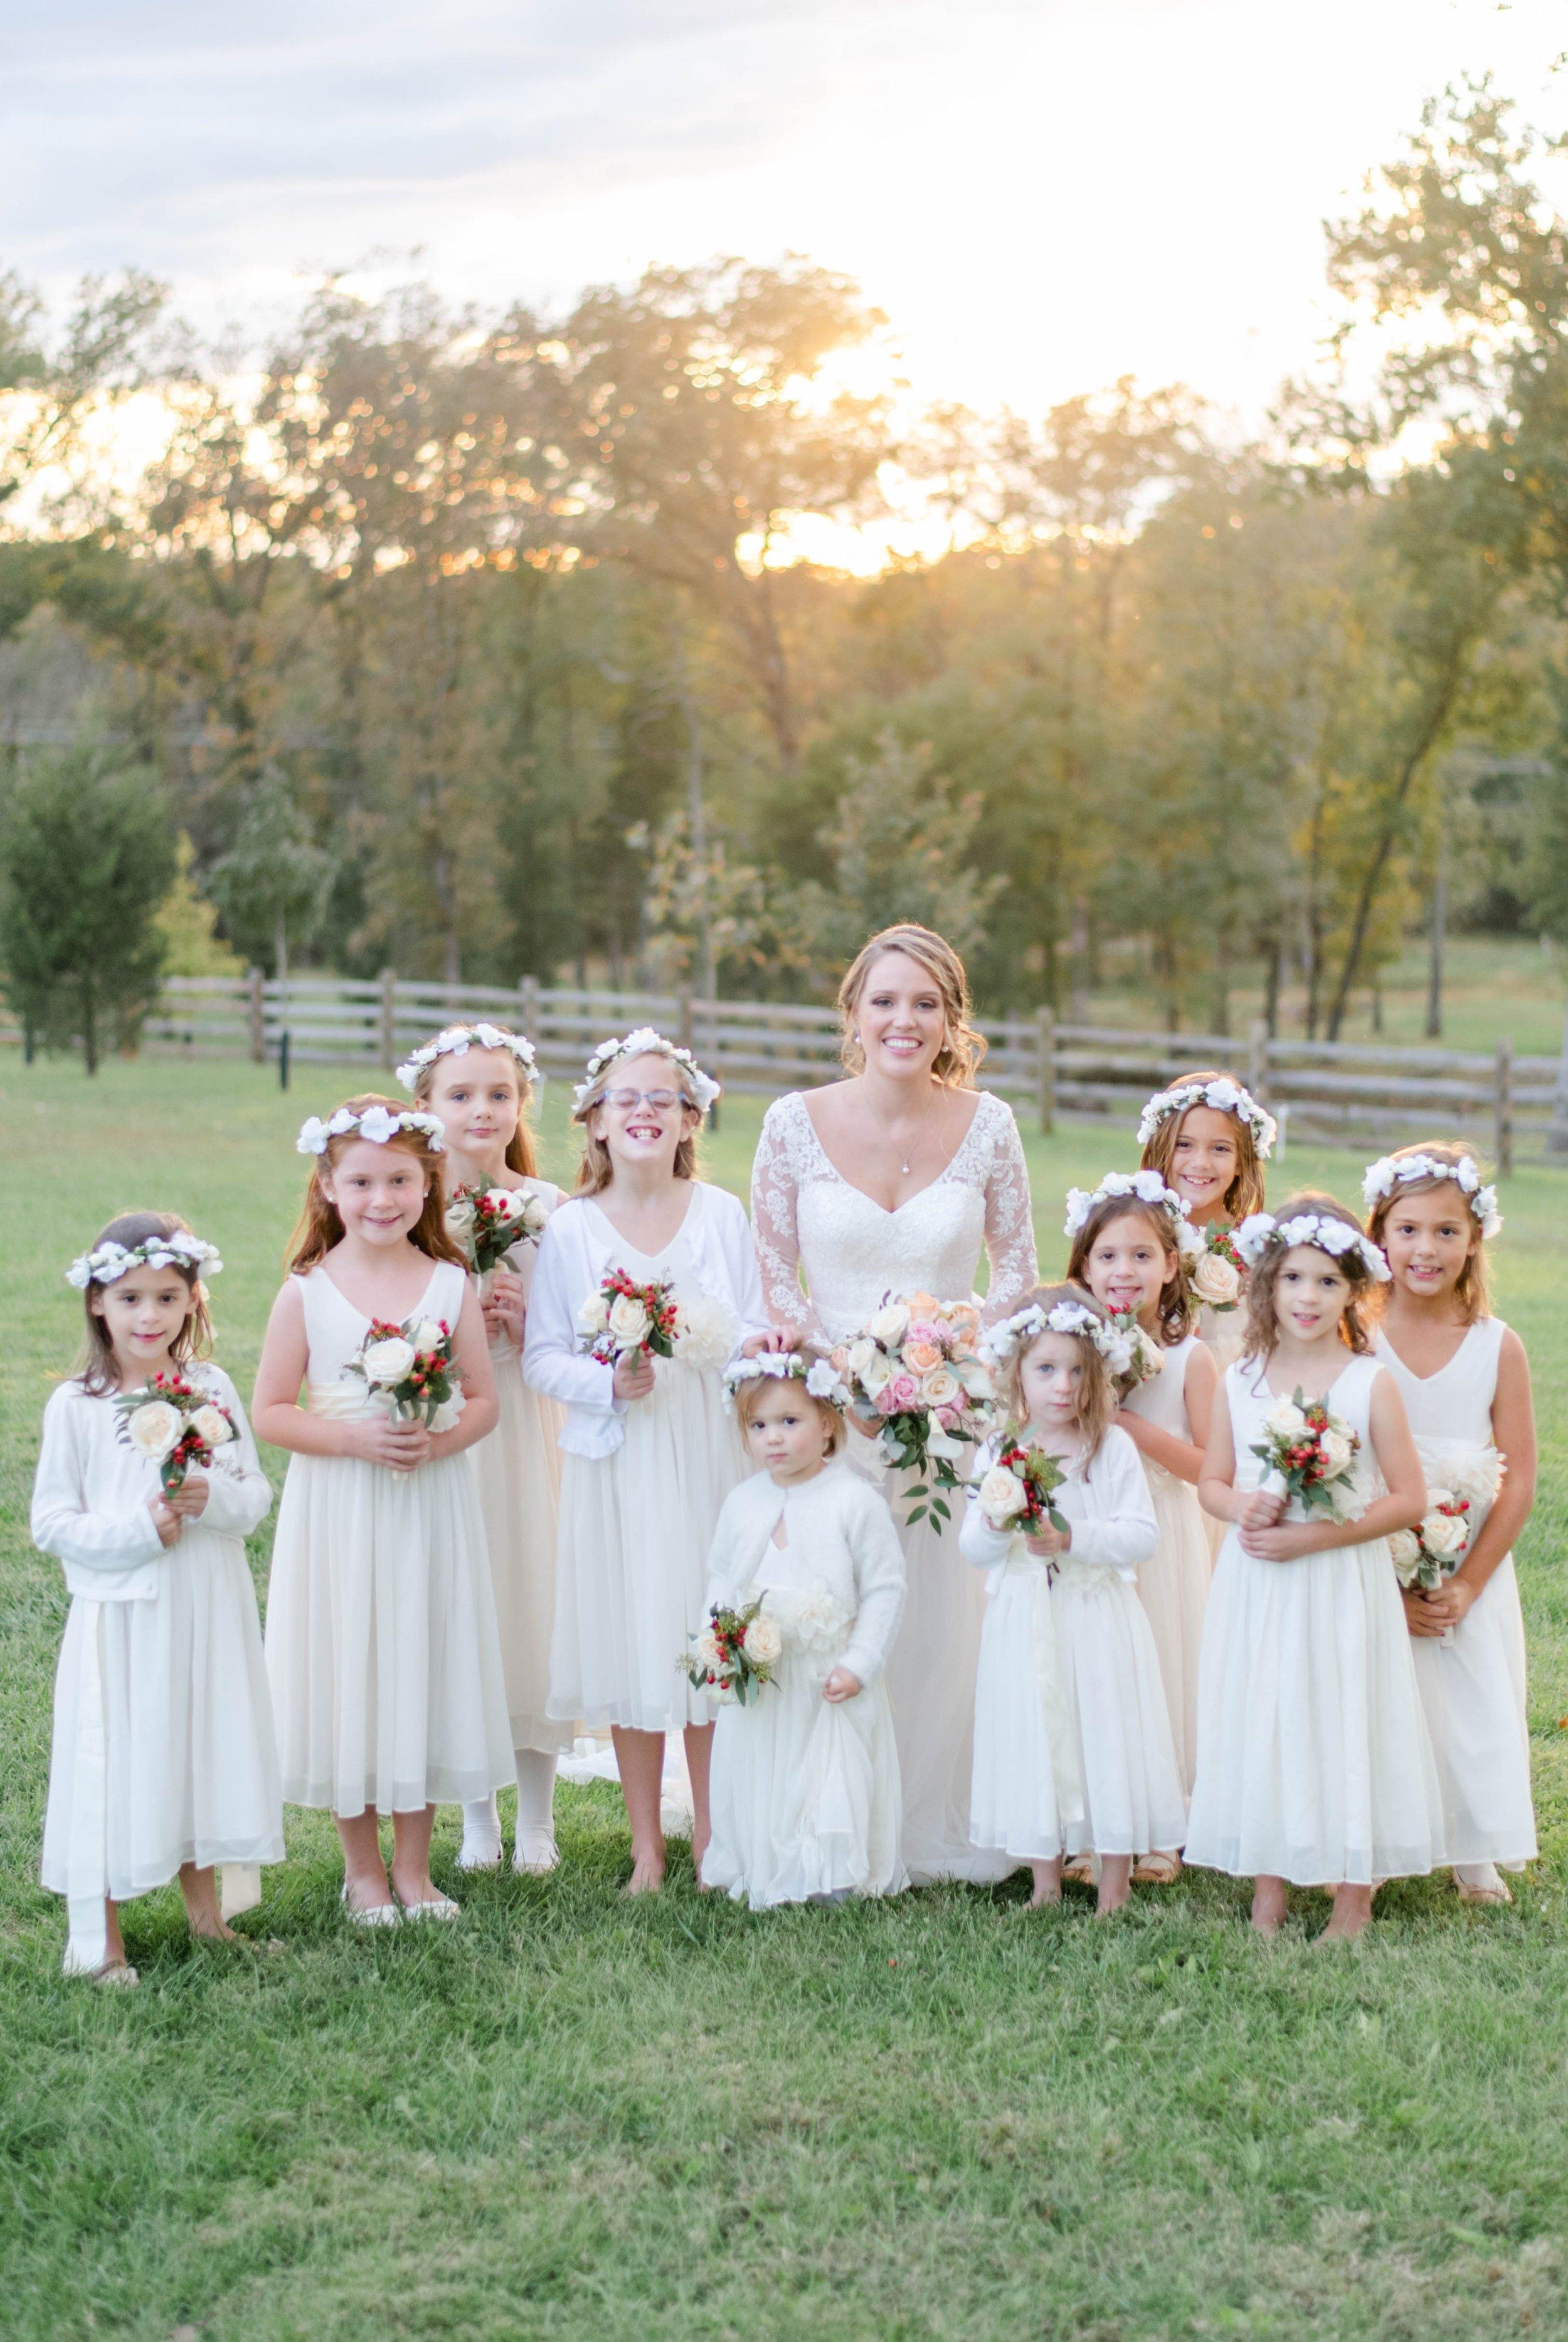 GrantElizabeth_wineryatbullrun_DCwedding_Virginiaweddingphotographer 35.jpg